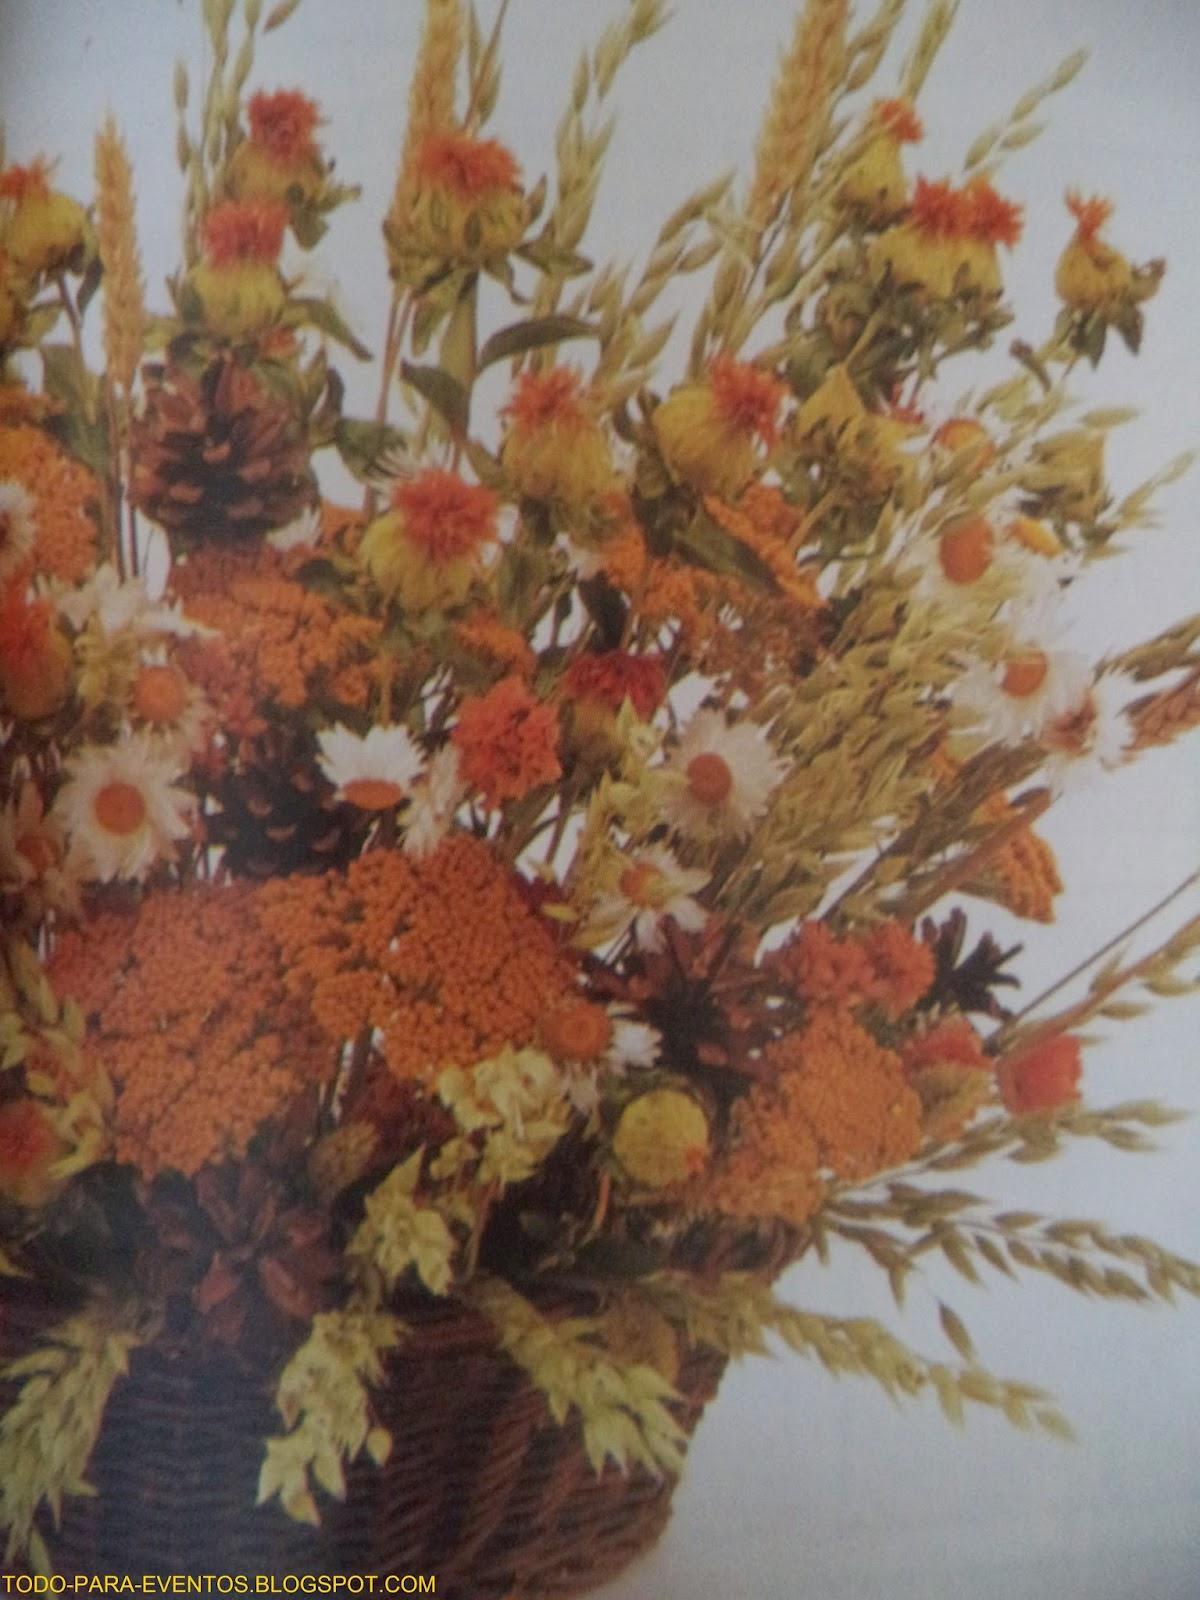 arreglos de flores secas les comparto est arreglo otoal muy adecuado para centro de mesa en vsperas navideas